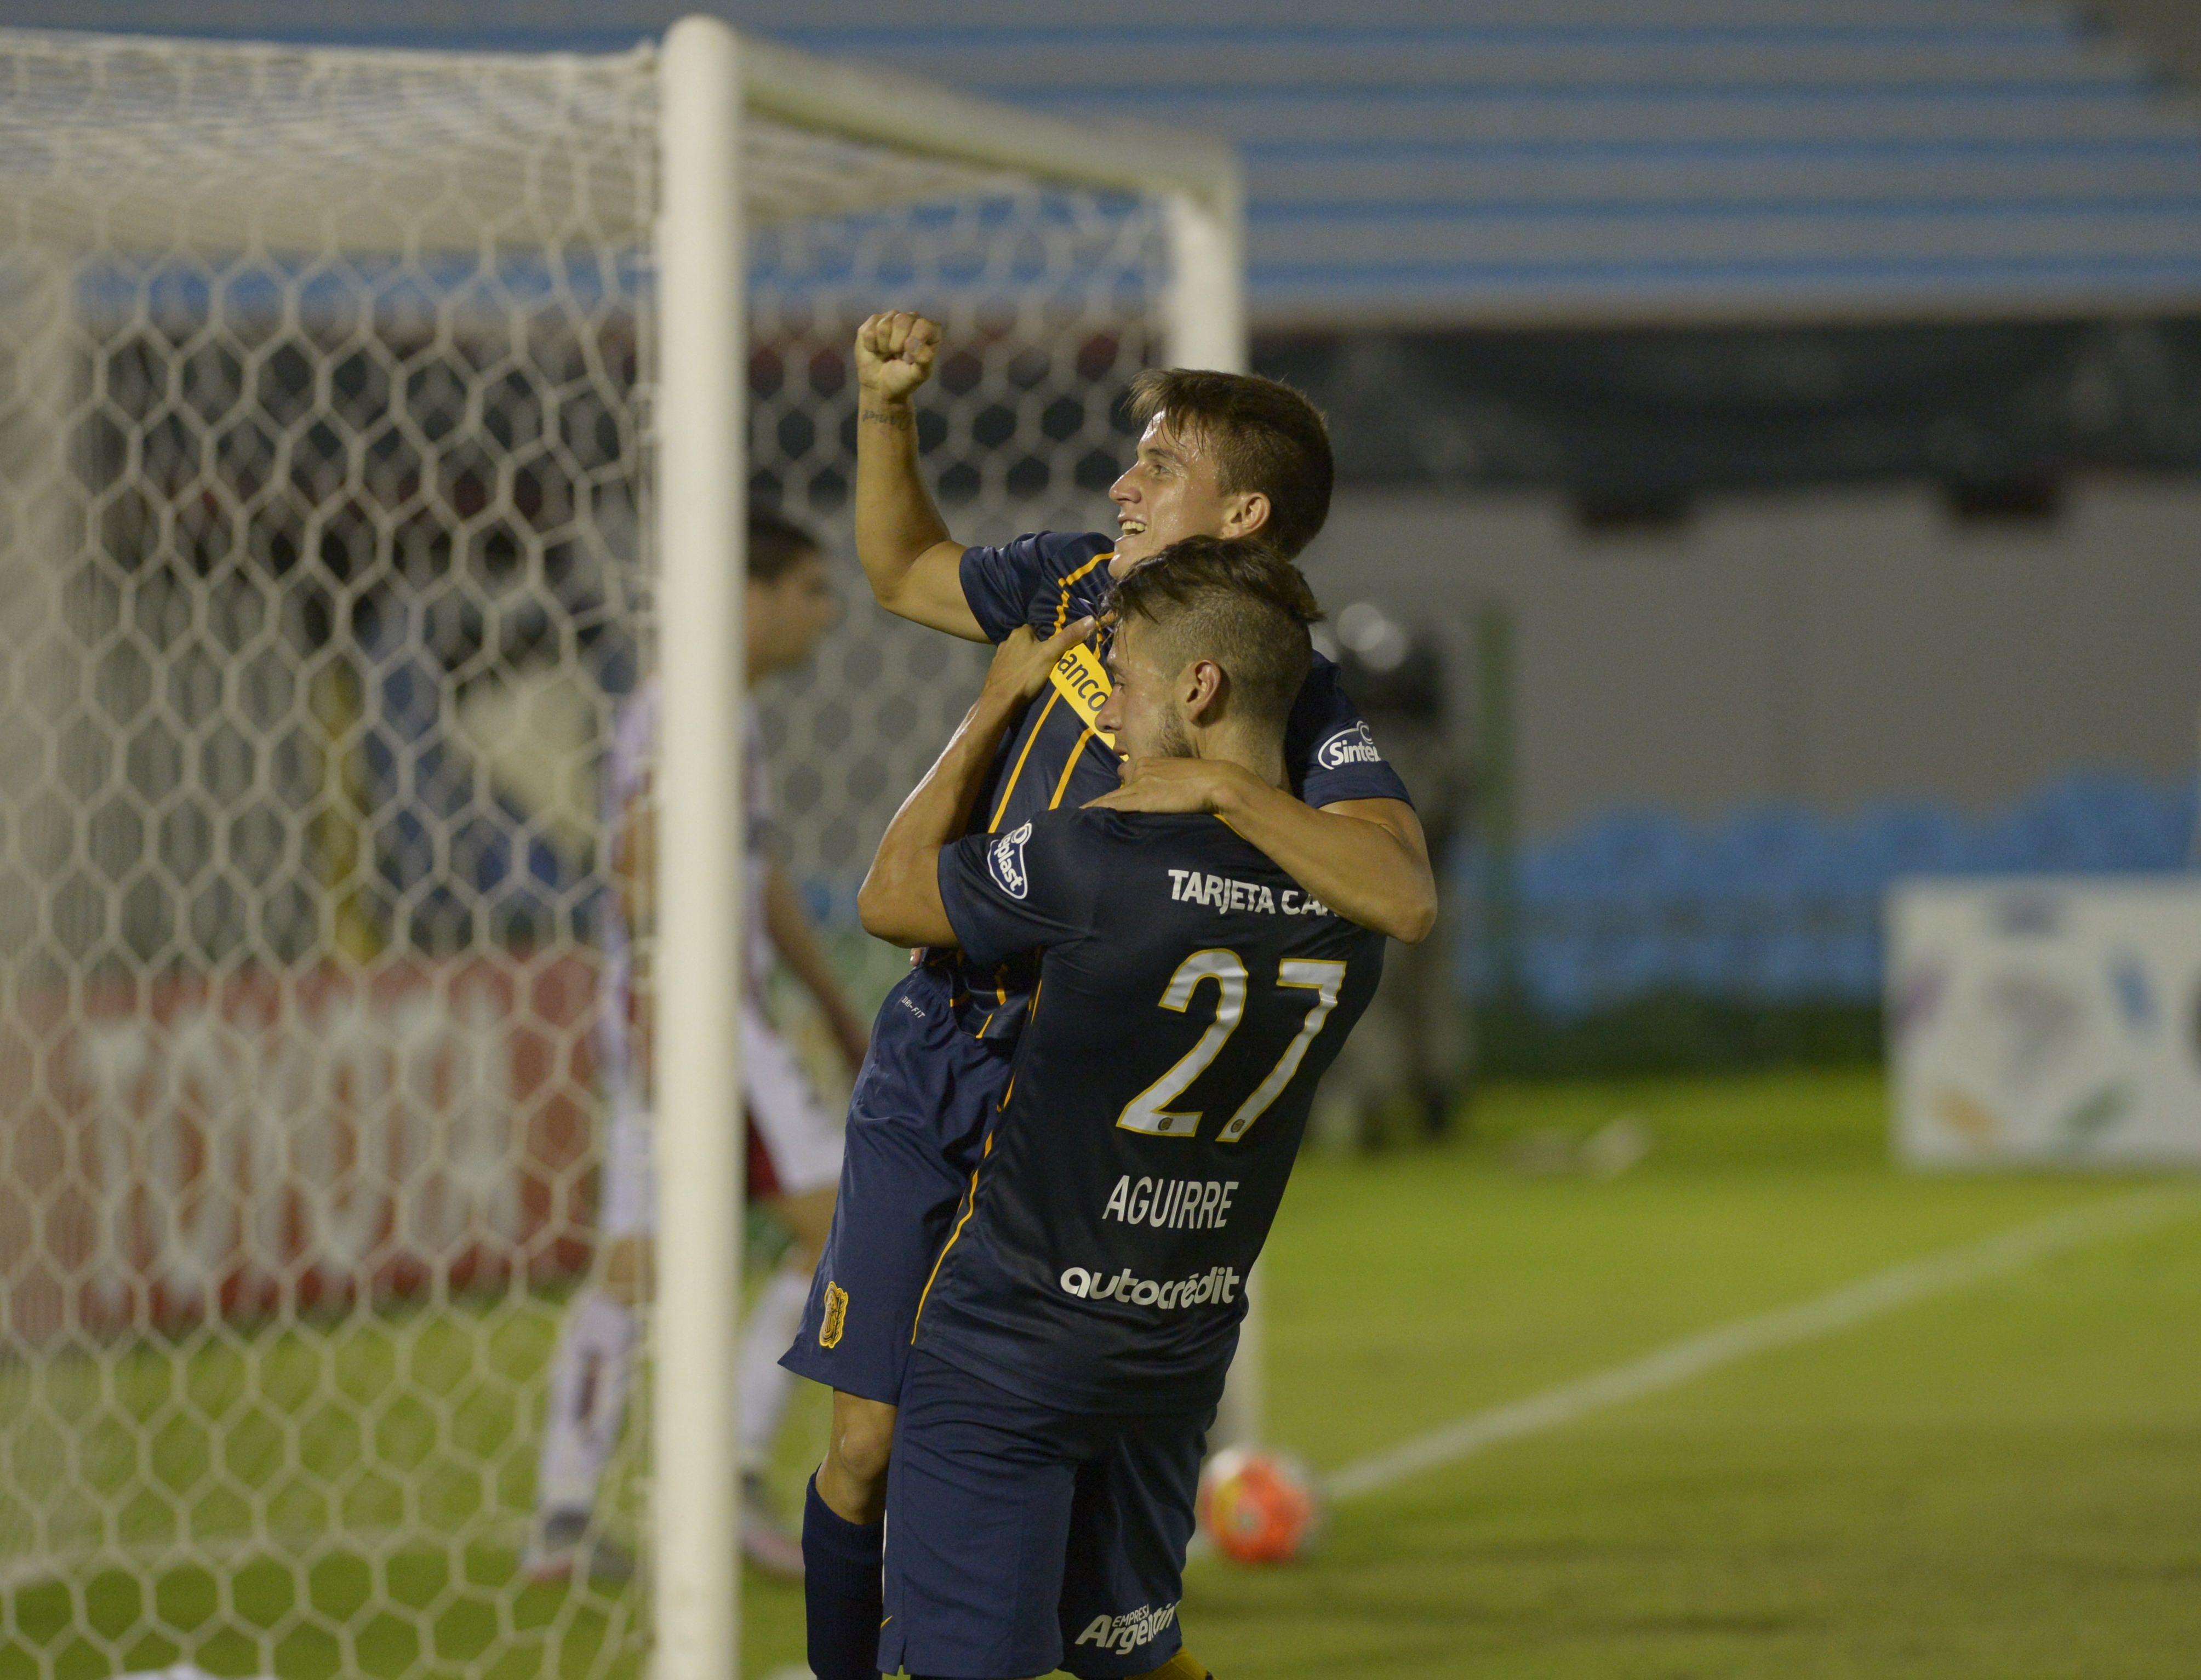 Cervi metió el tercero en el final y Jonás Aguirre